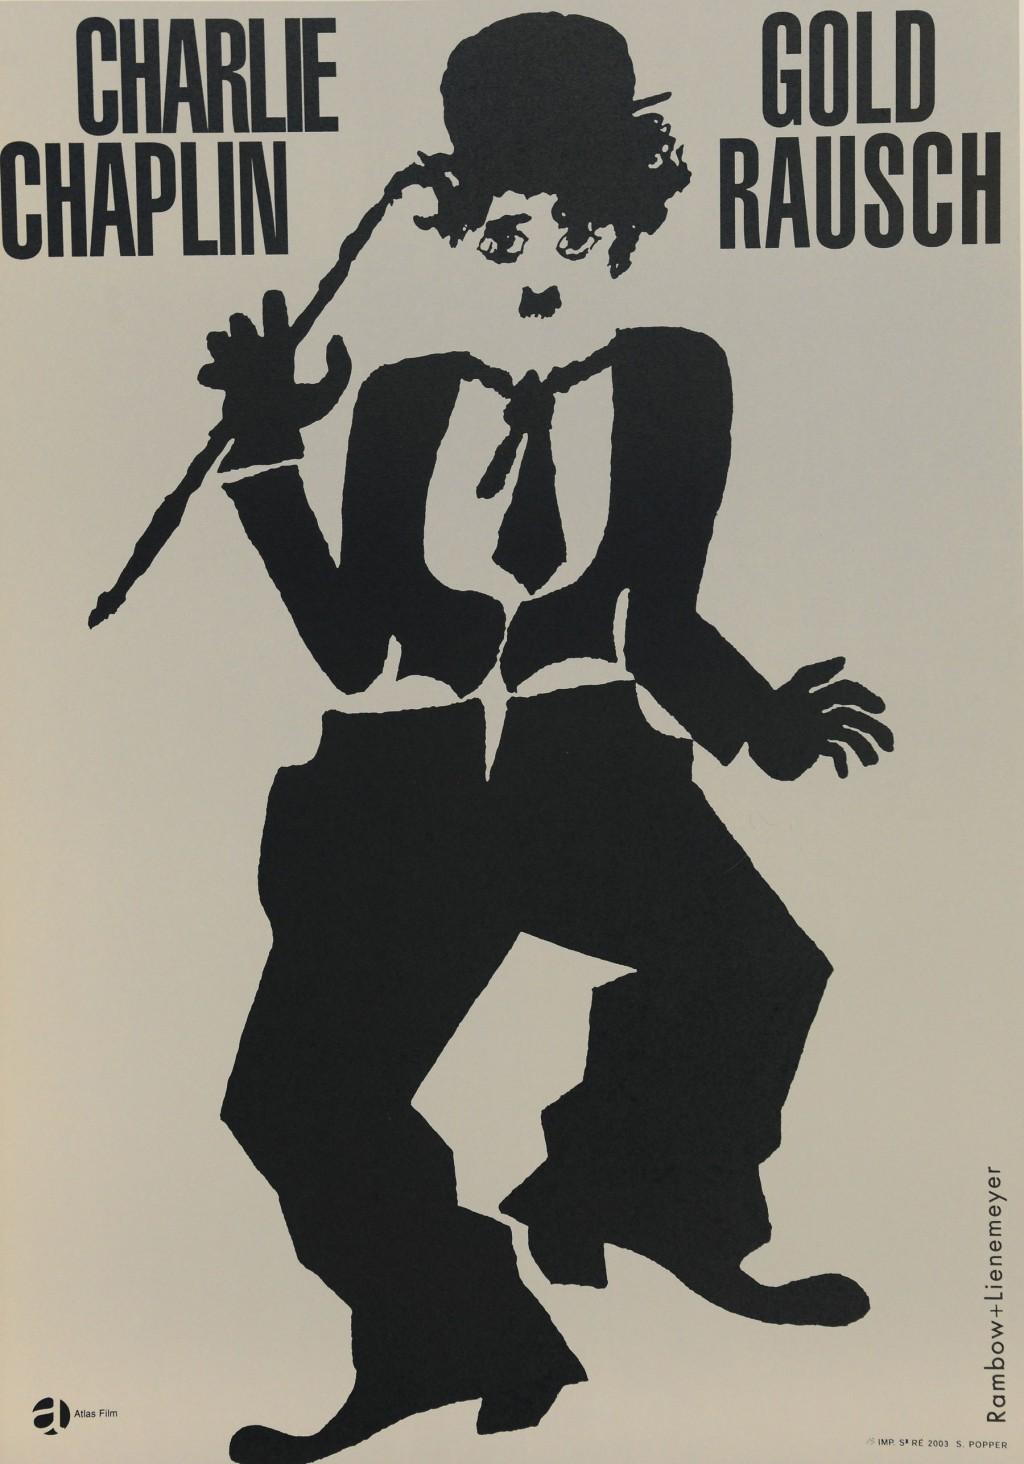 Gold Rausch, Charlie Chaplin | Rue Royale Fine Art